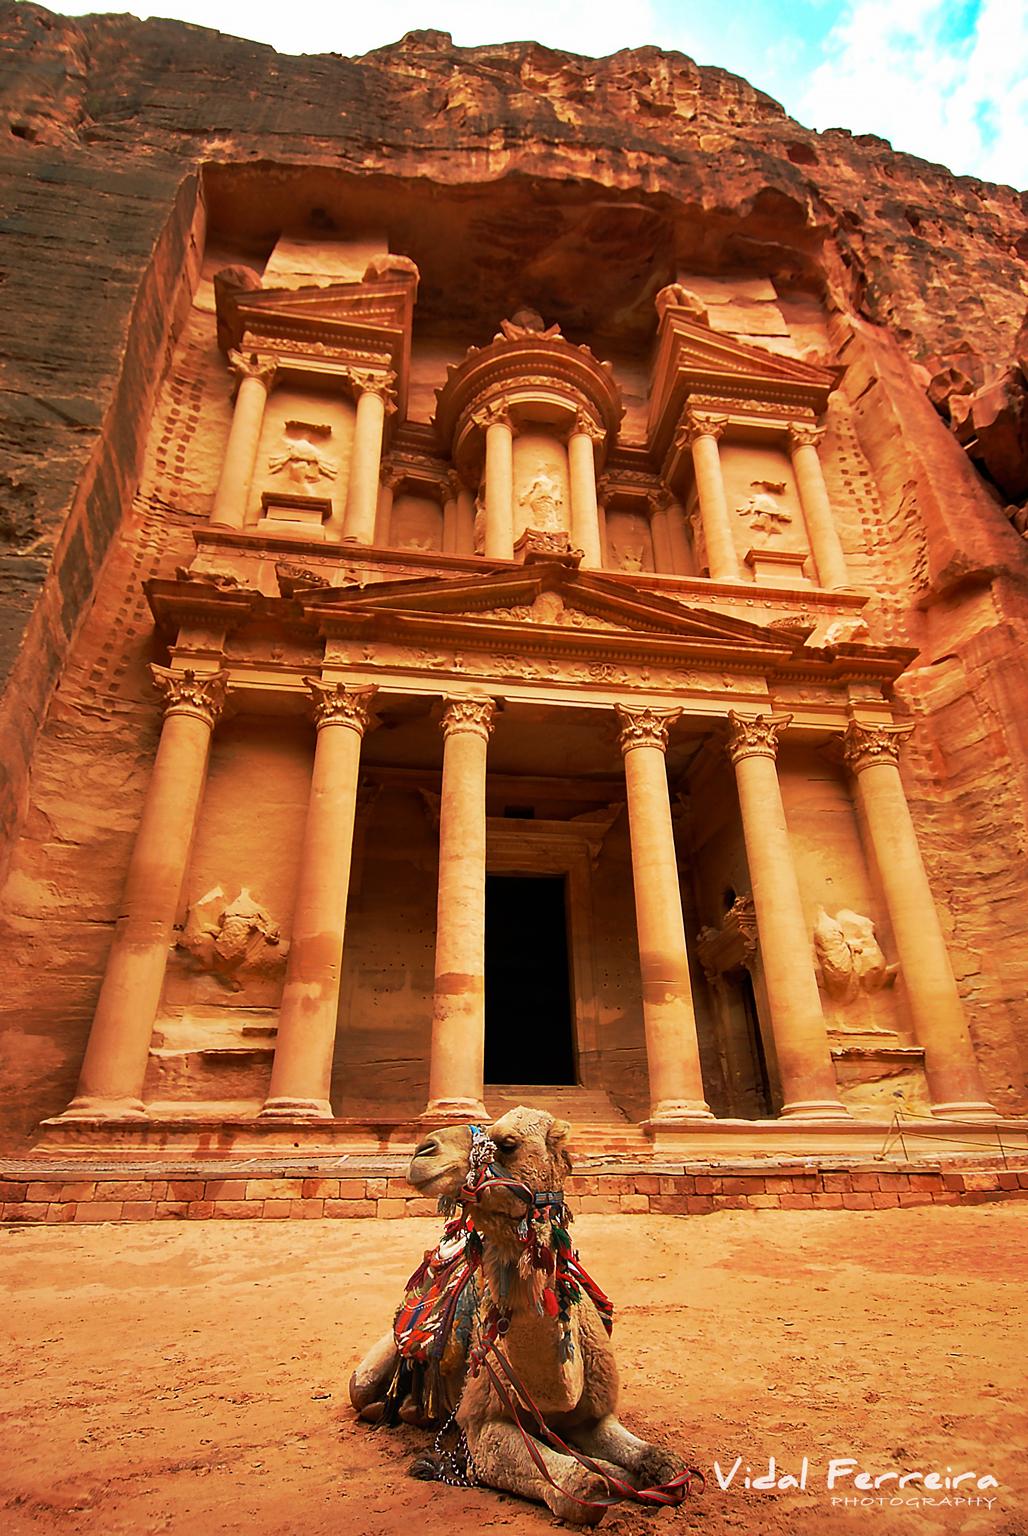 A Wonder - Petra, Jordan